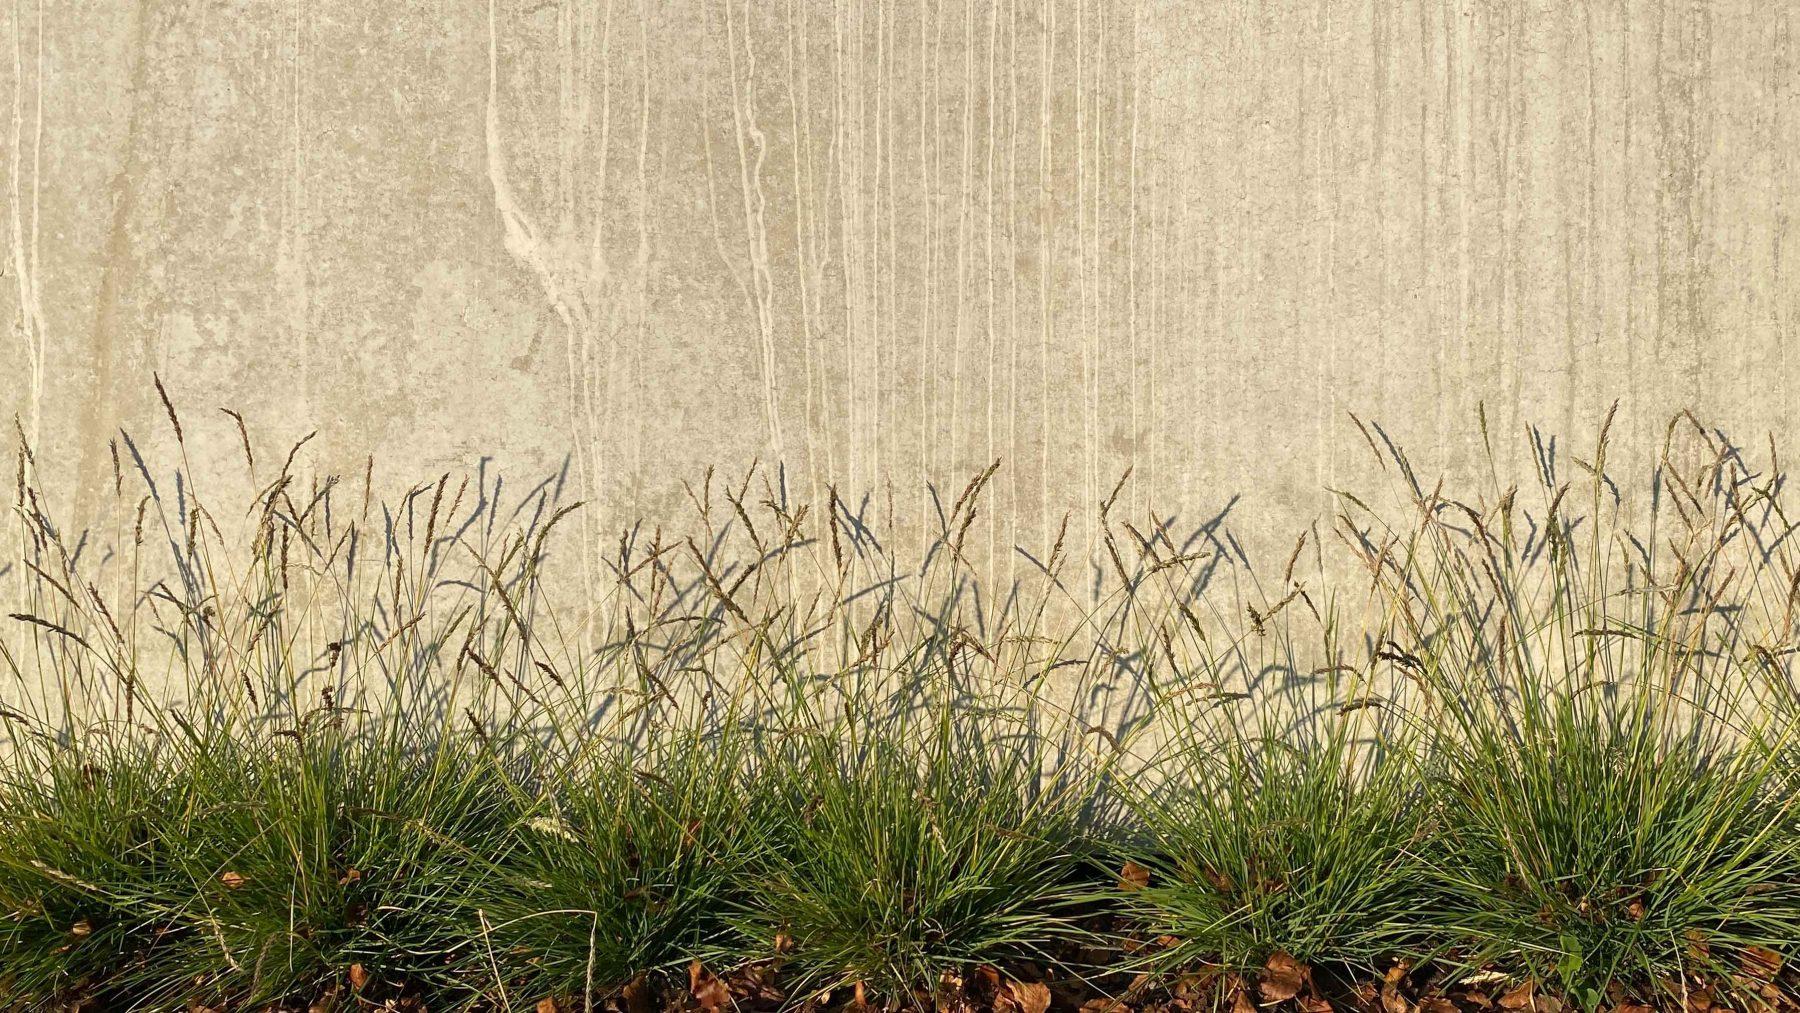 Sesleria autumnalis, das Herbstkopfgras, ist ein niedrig bleibendes immergrünes Ziergras.